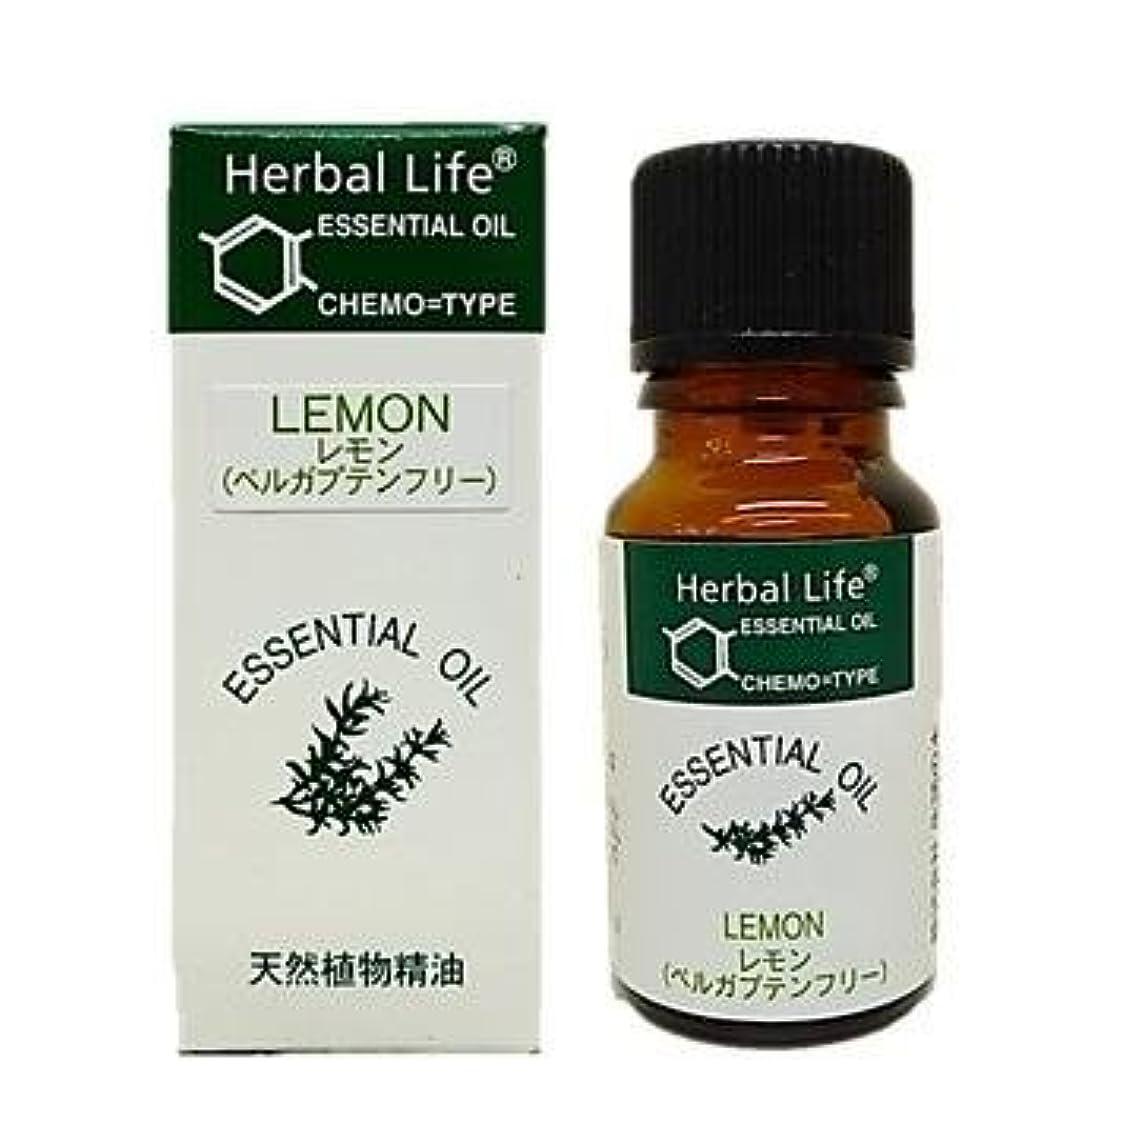 トイレ対象うまくやる()生活の木 レモン(フロクマリンフリー)10ml エッセンシャルオイル/精油